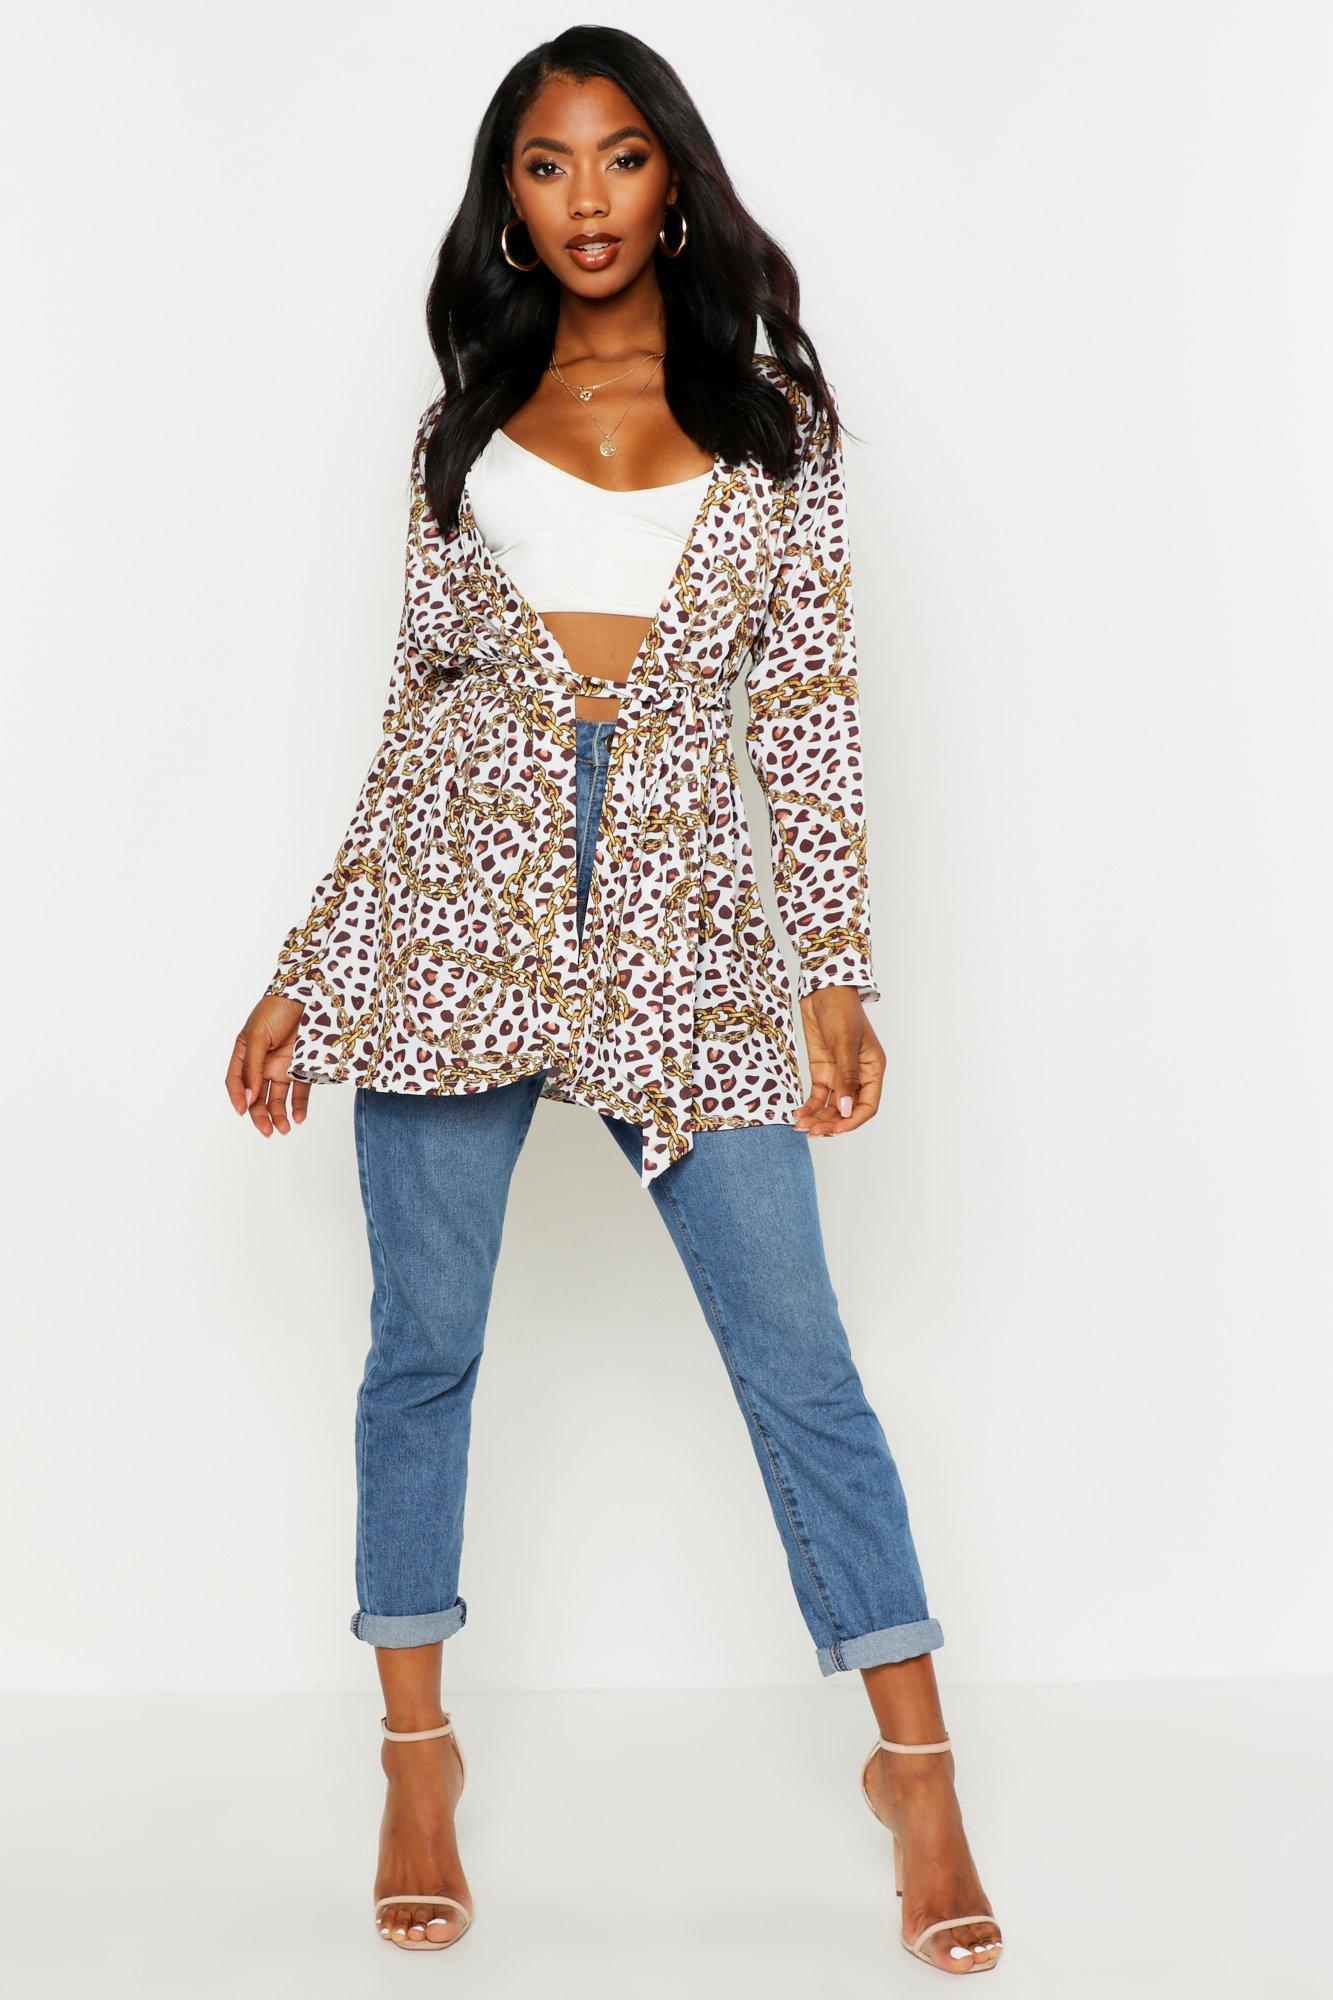 Womens Web-Kimono mit Kettengürte und Leopardenmuster - Weiß - 32, Weiß - Boohoo.com